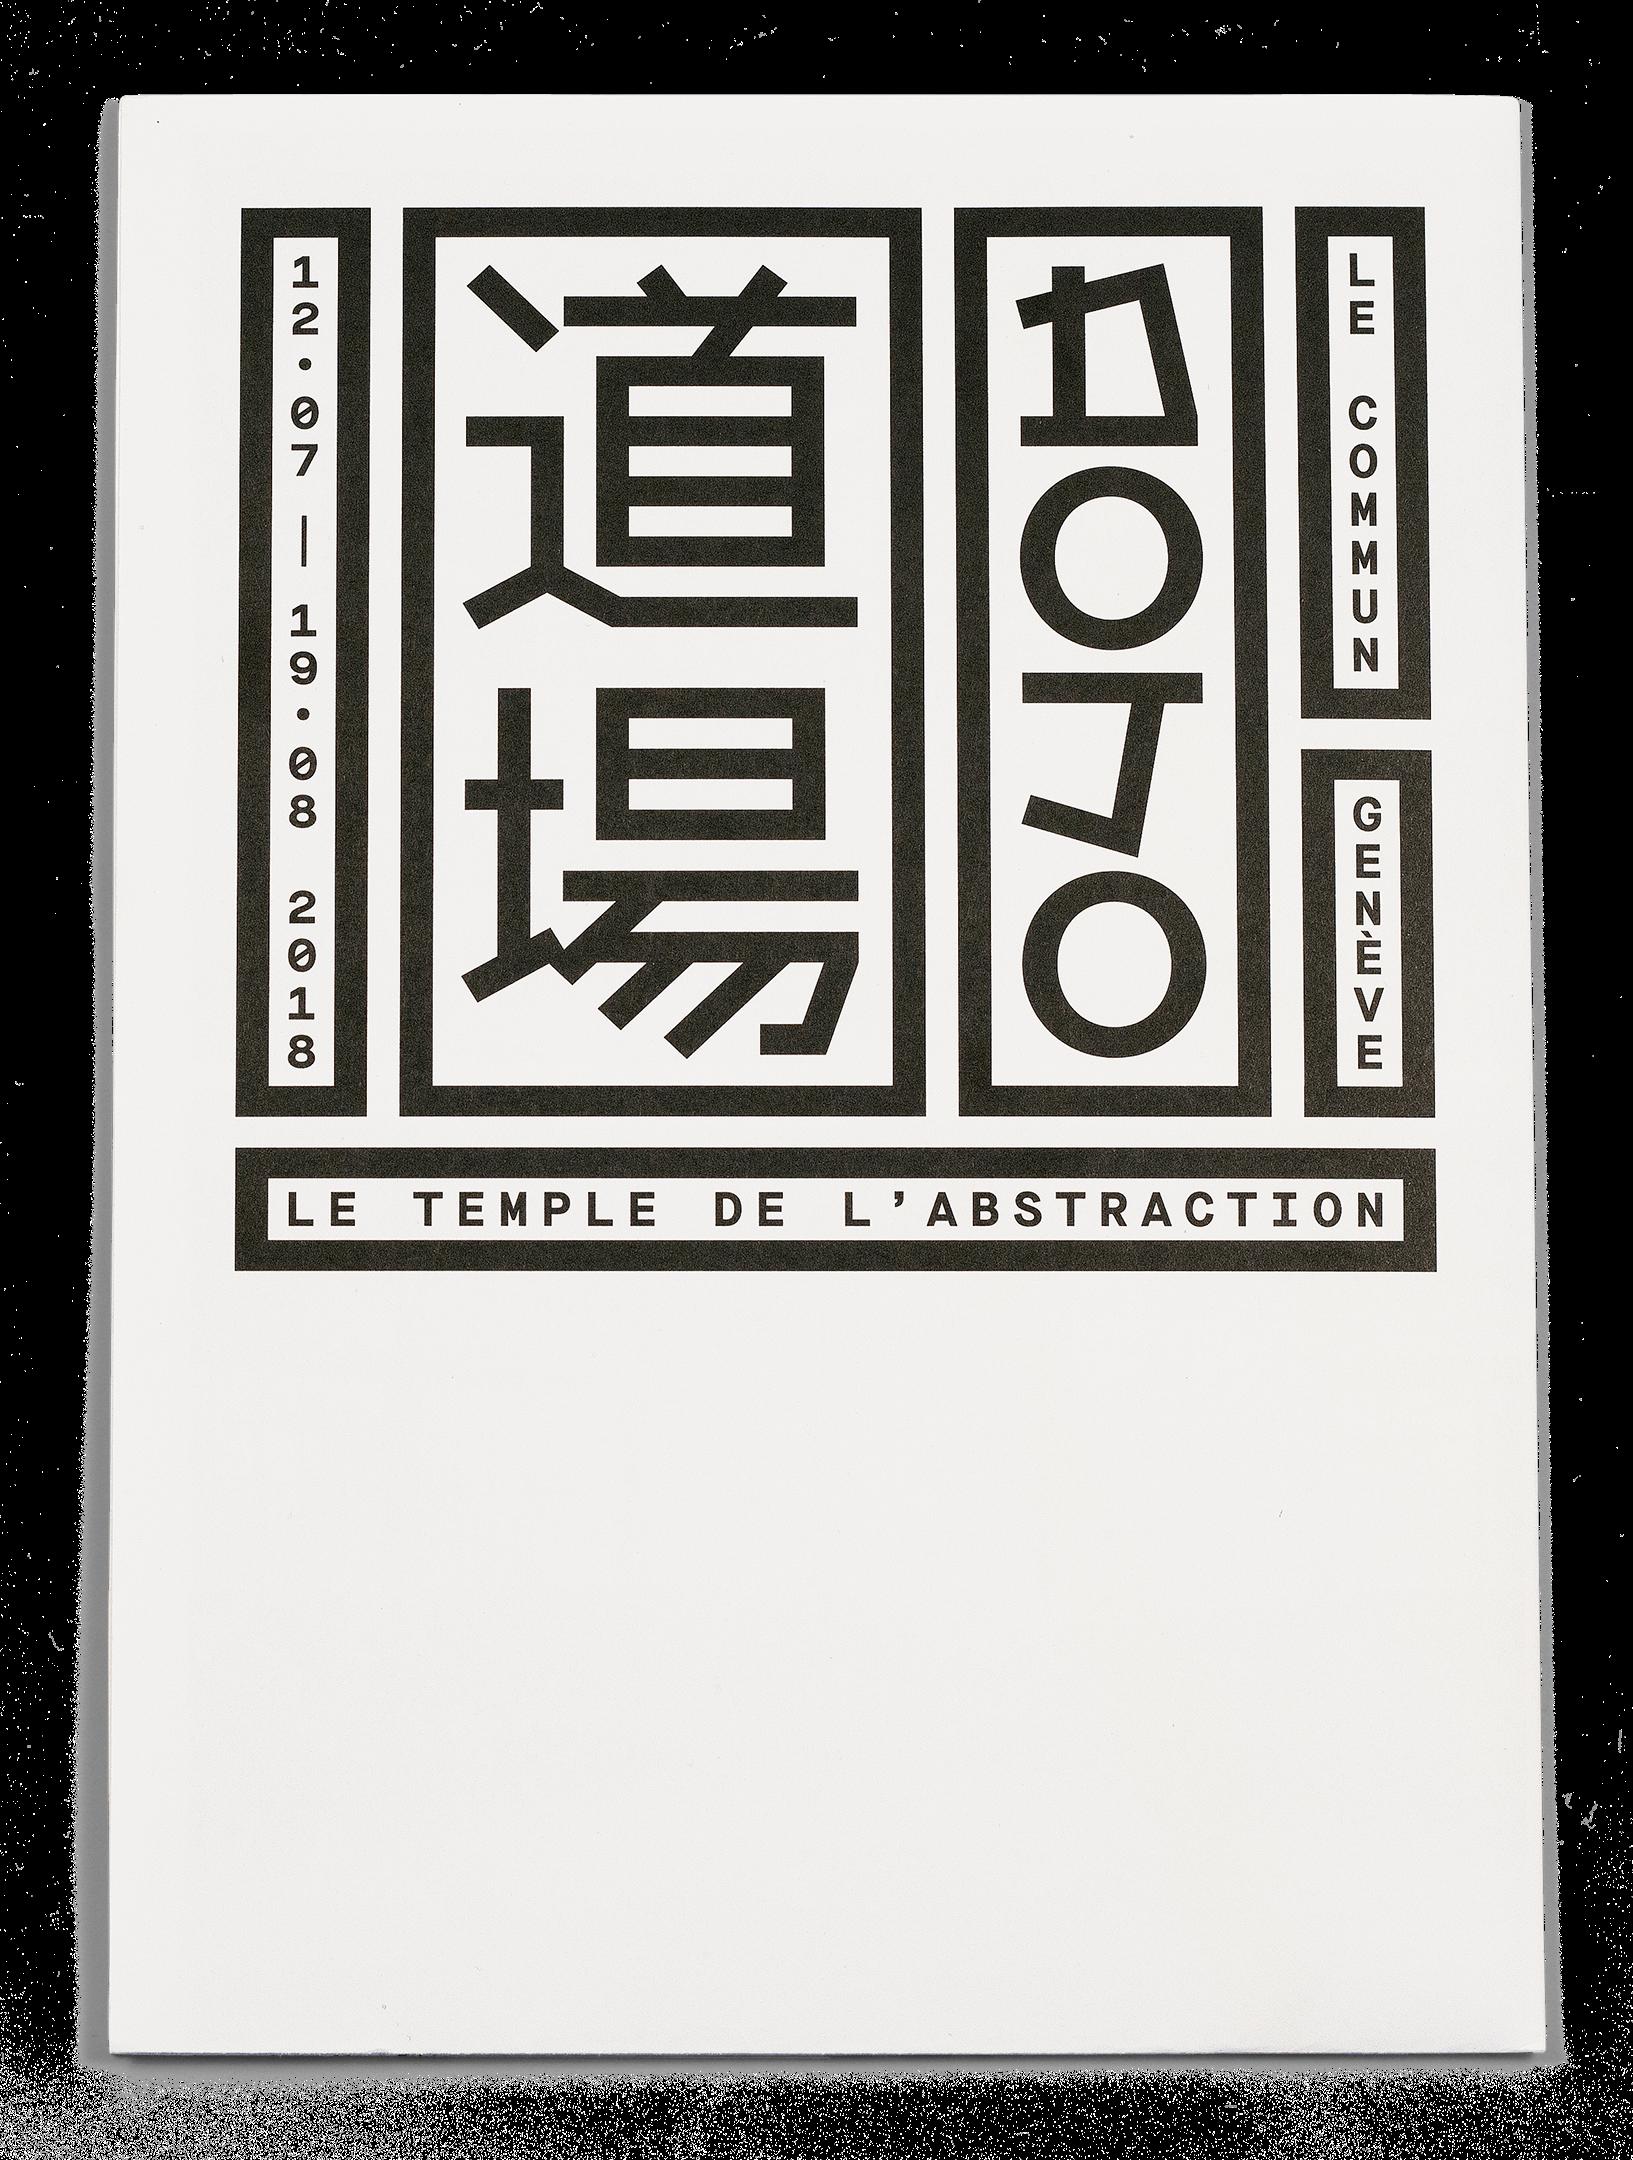 Première page du dépliant de l'exposition DOJO au Commun, Genève